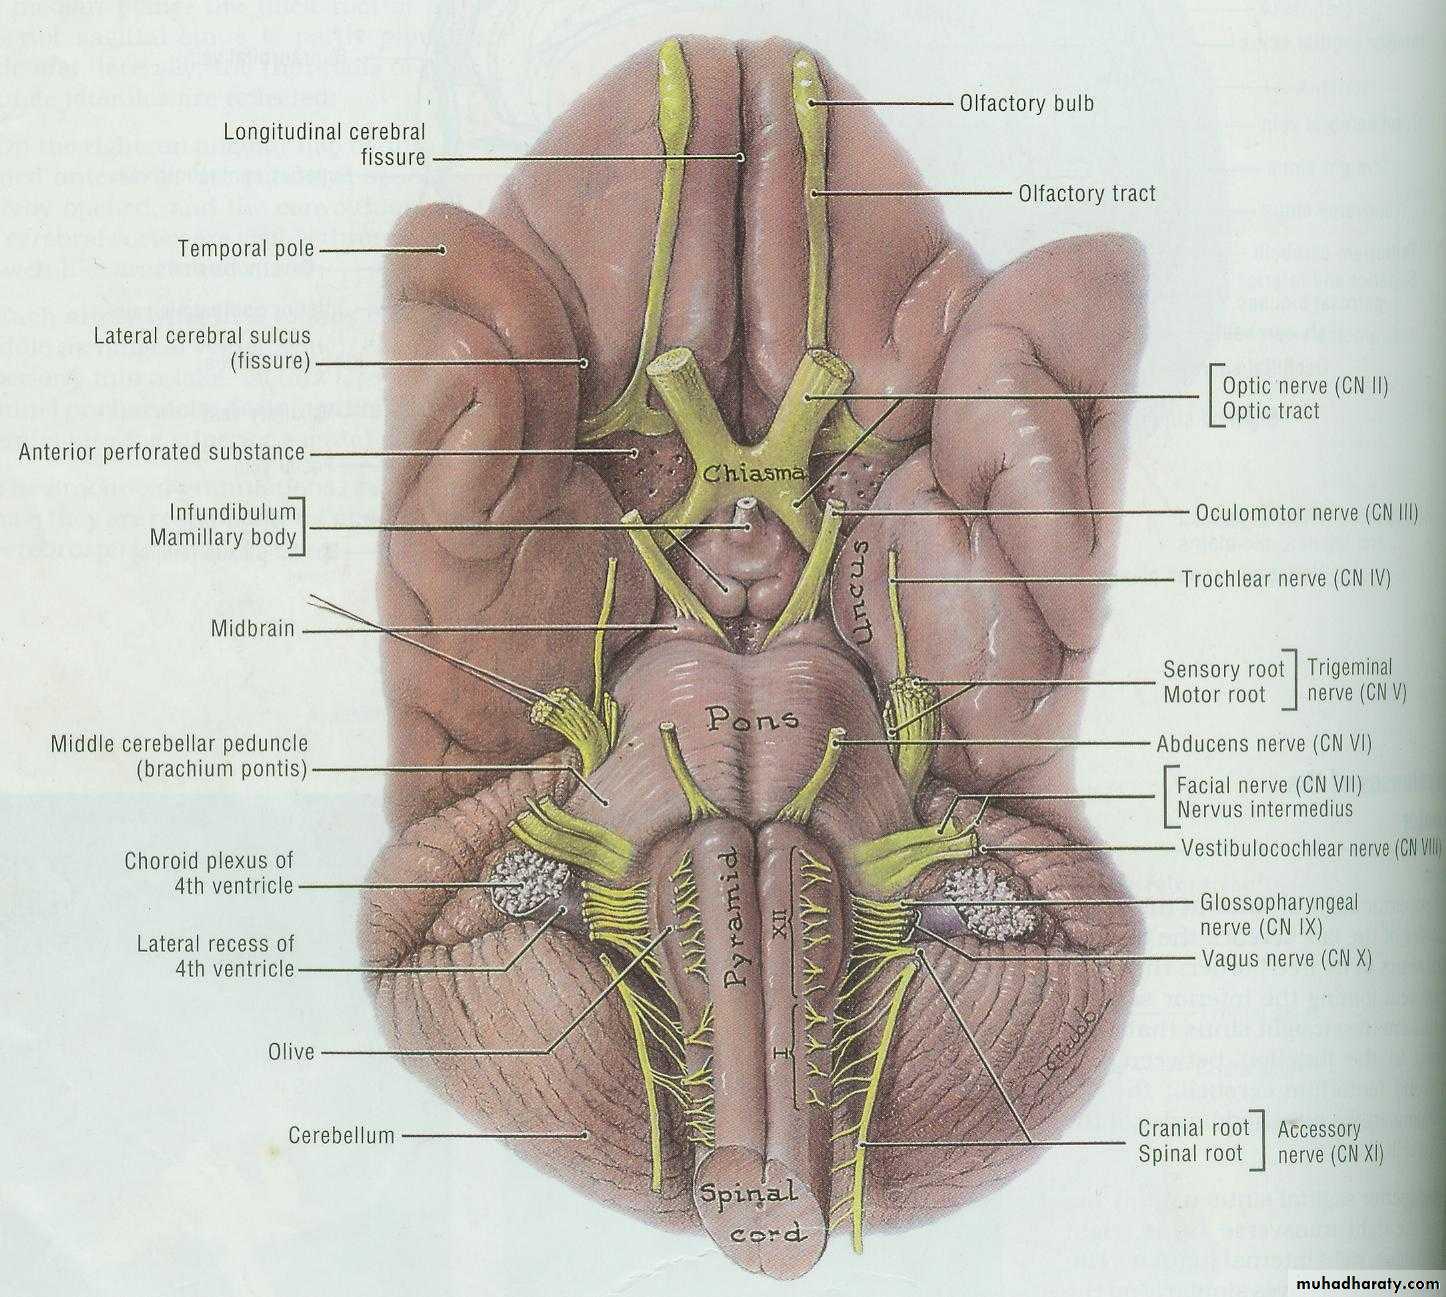 Cranial Nerves pptx - هيثم علي الصايغ - Muhadharaty